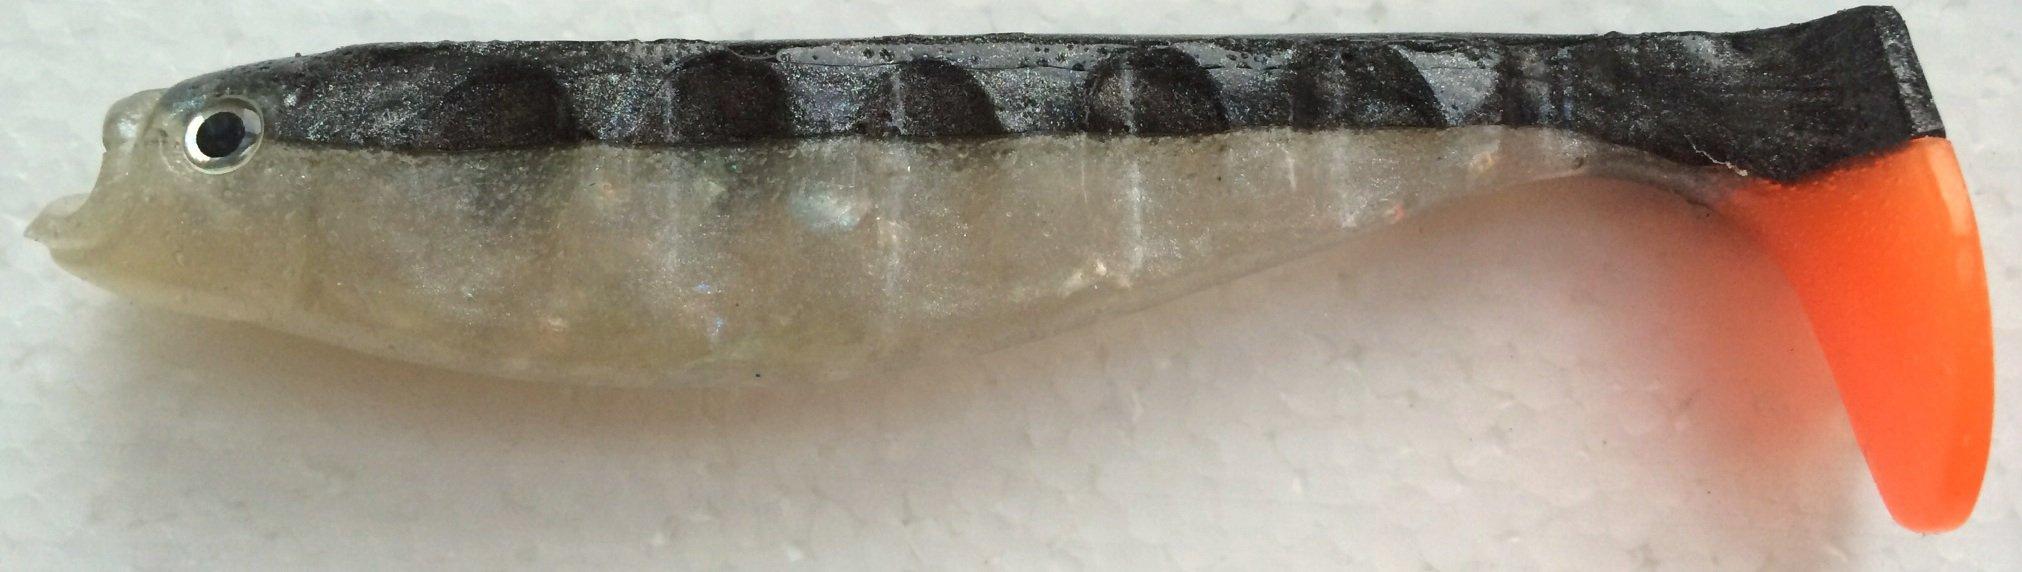 Även en mer kontrastrik svart/pearl här. Jag gillar färgade stjärtar. Kommer även ta med rasselkammare att sticka in för ytterligare attraktion